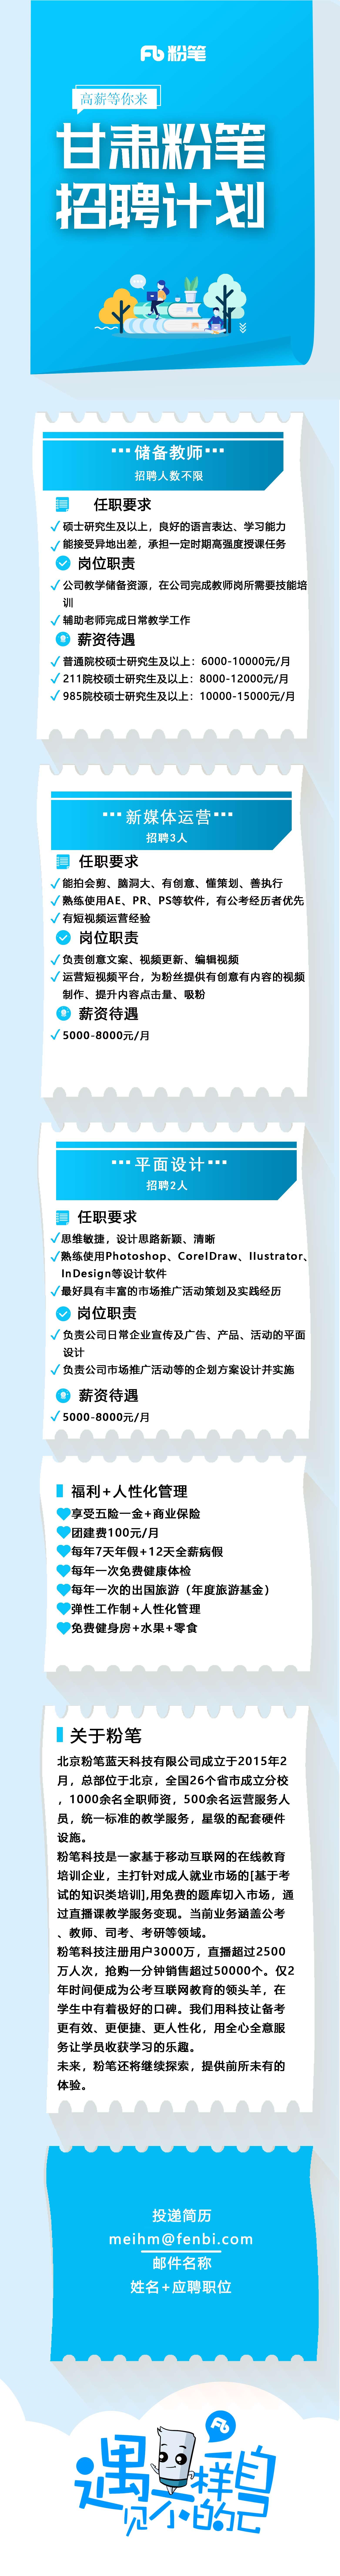 微信图片_20200421142431.jpg